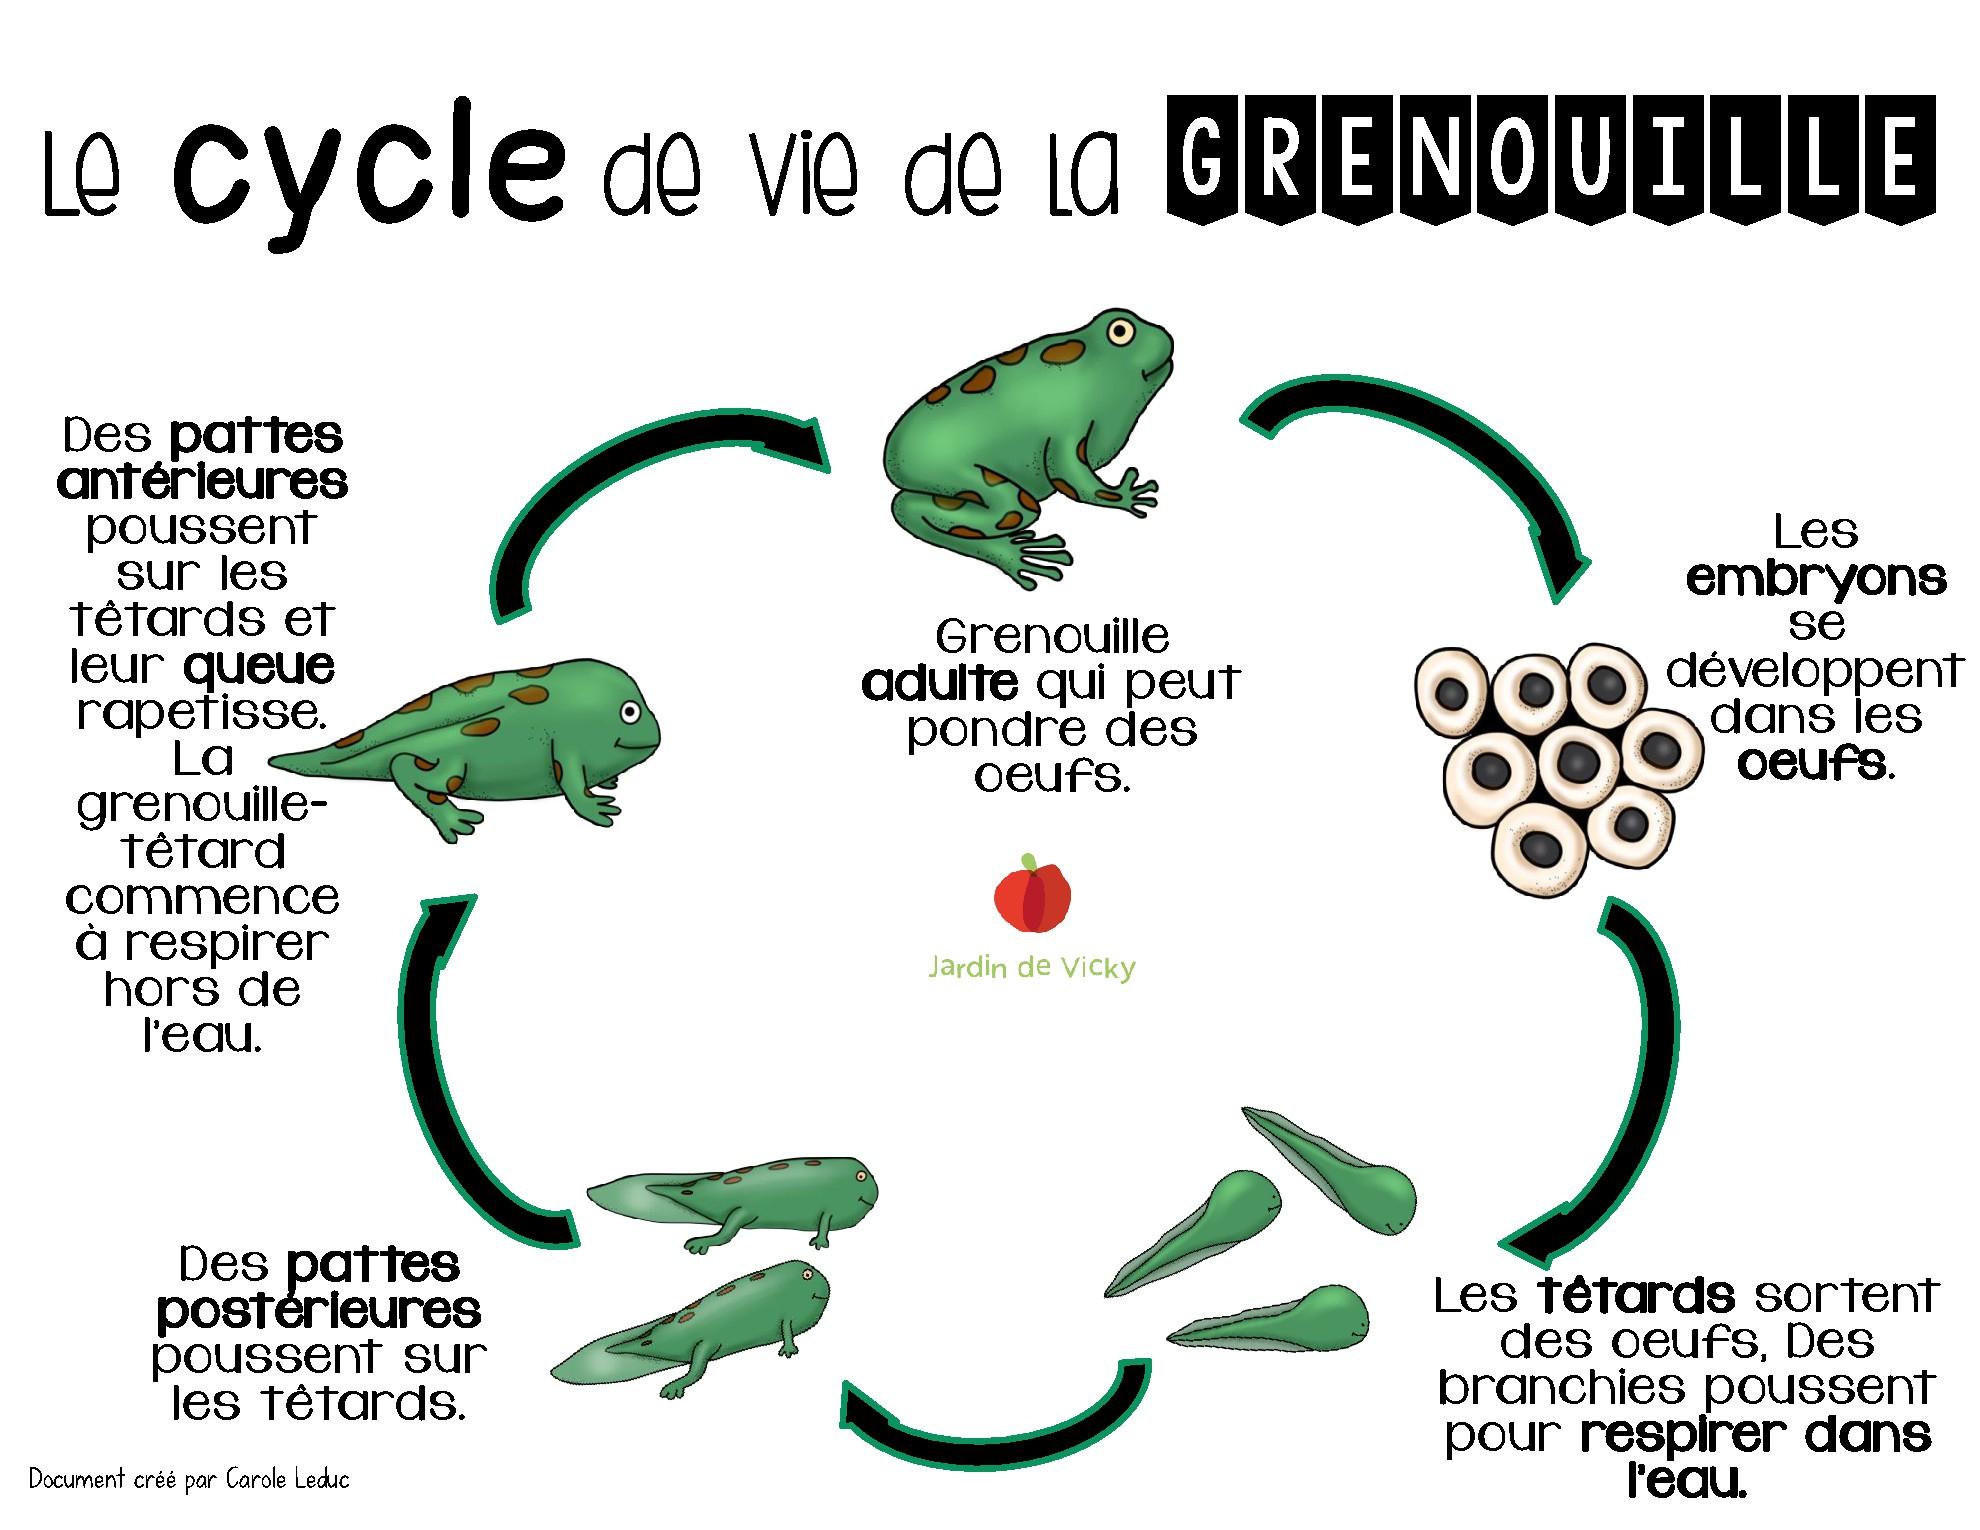 Le Cycle De Vie De La Grenouille | Jardin De Vicky avec Le Cycle De Vie De La Grenouille